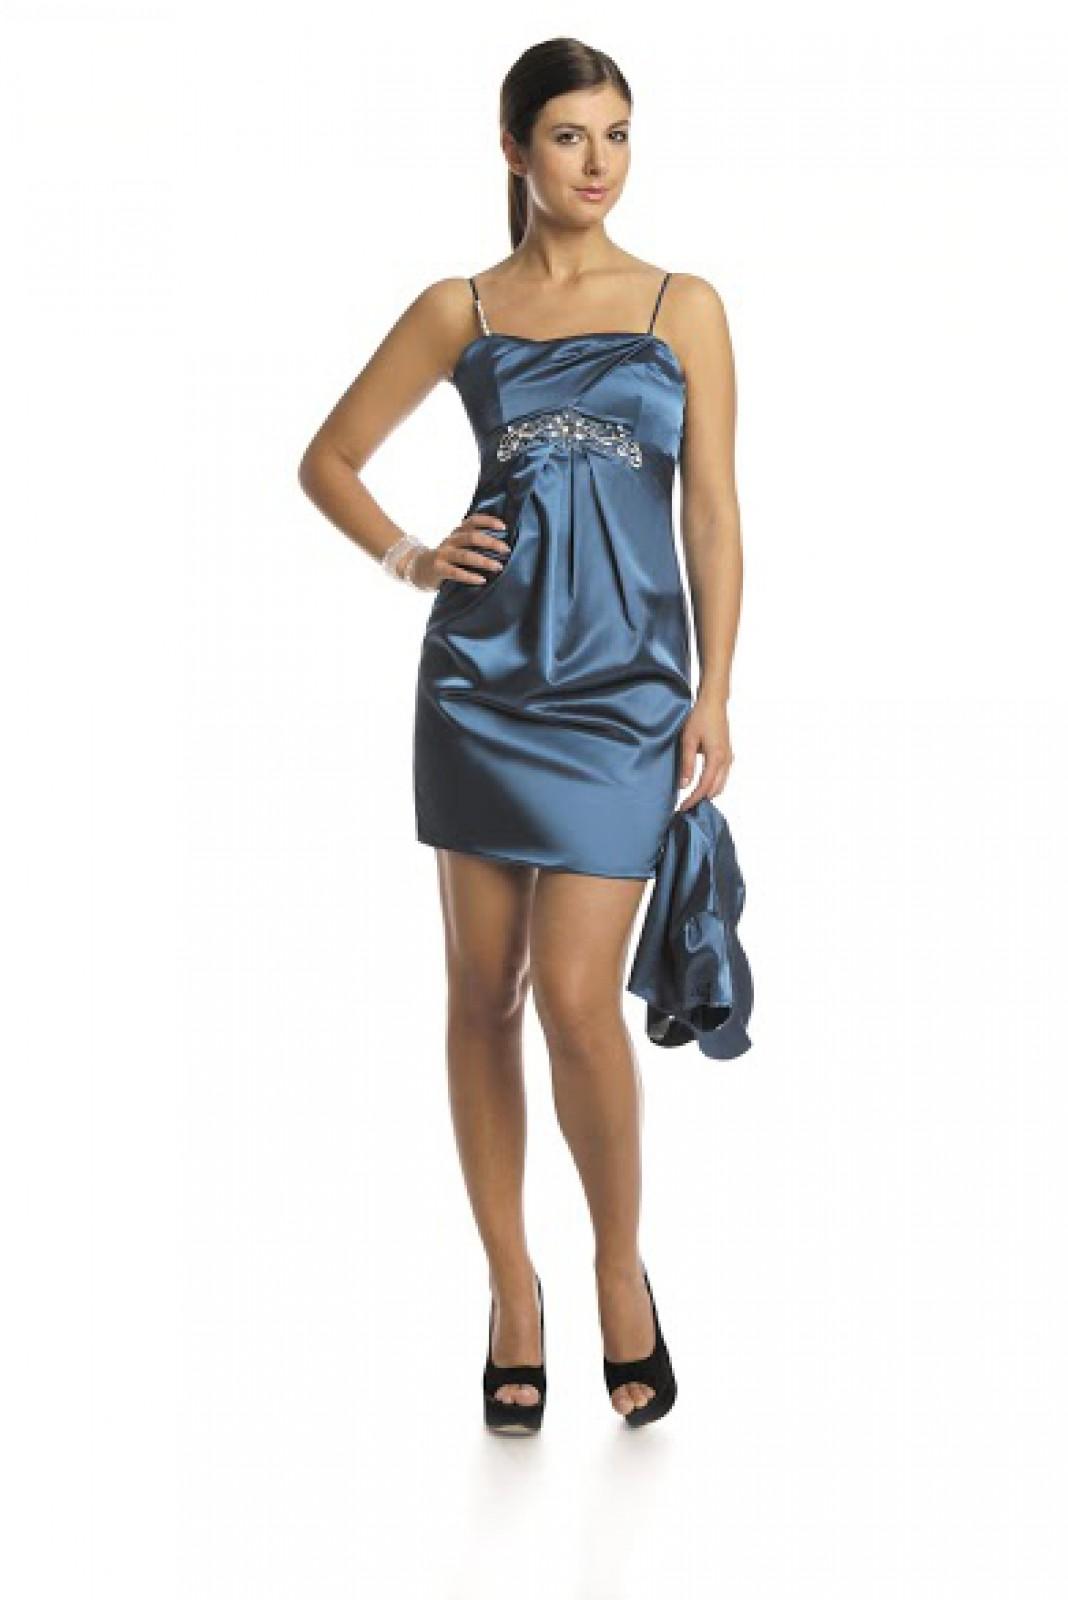 Glänzendes Mini-Partykleid aus Satin mit aufwendigen Verzierungen ...